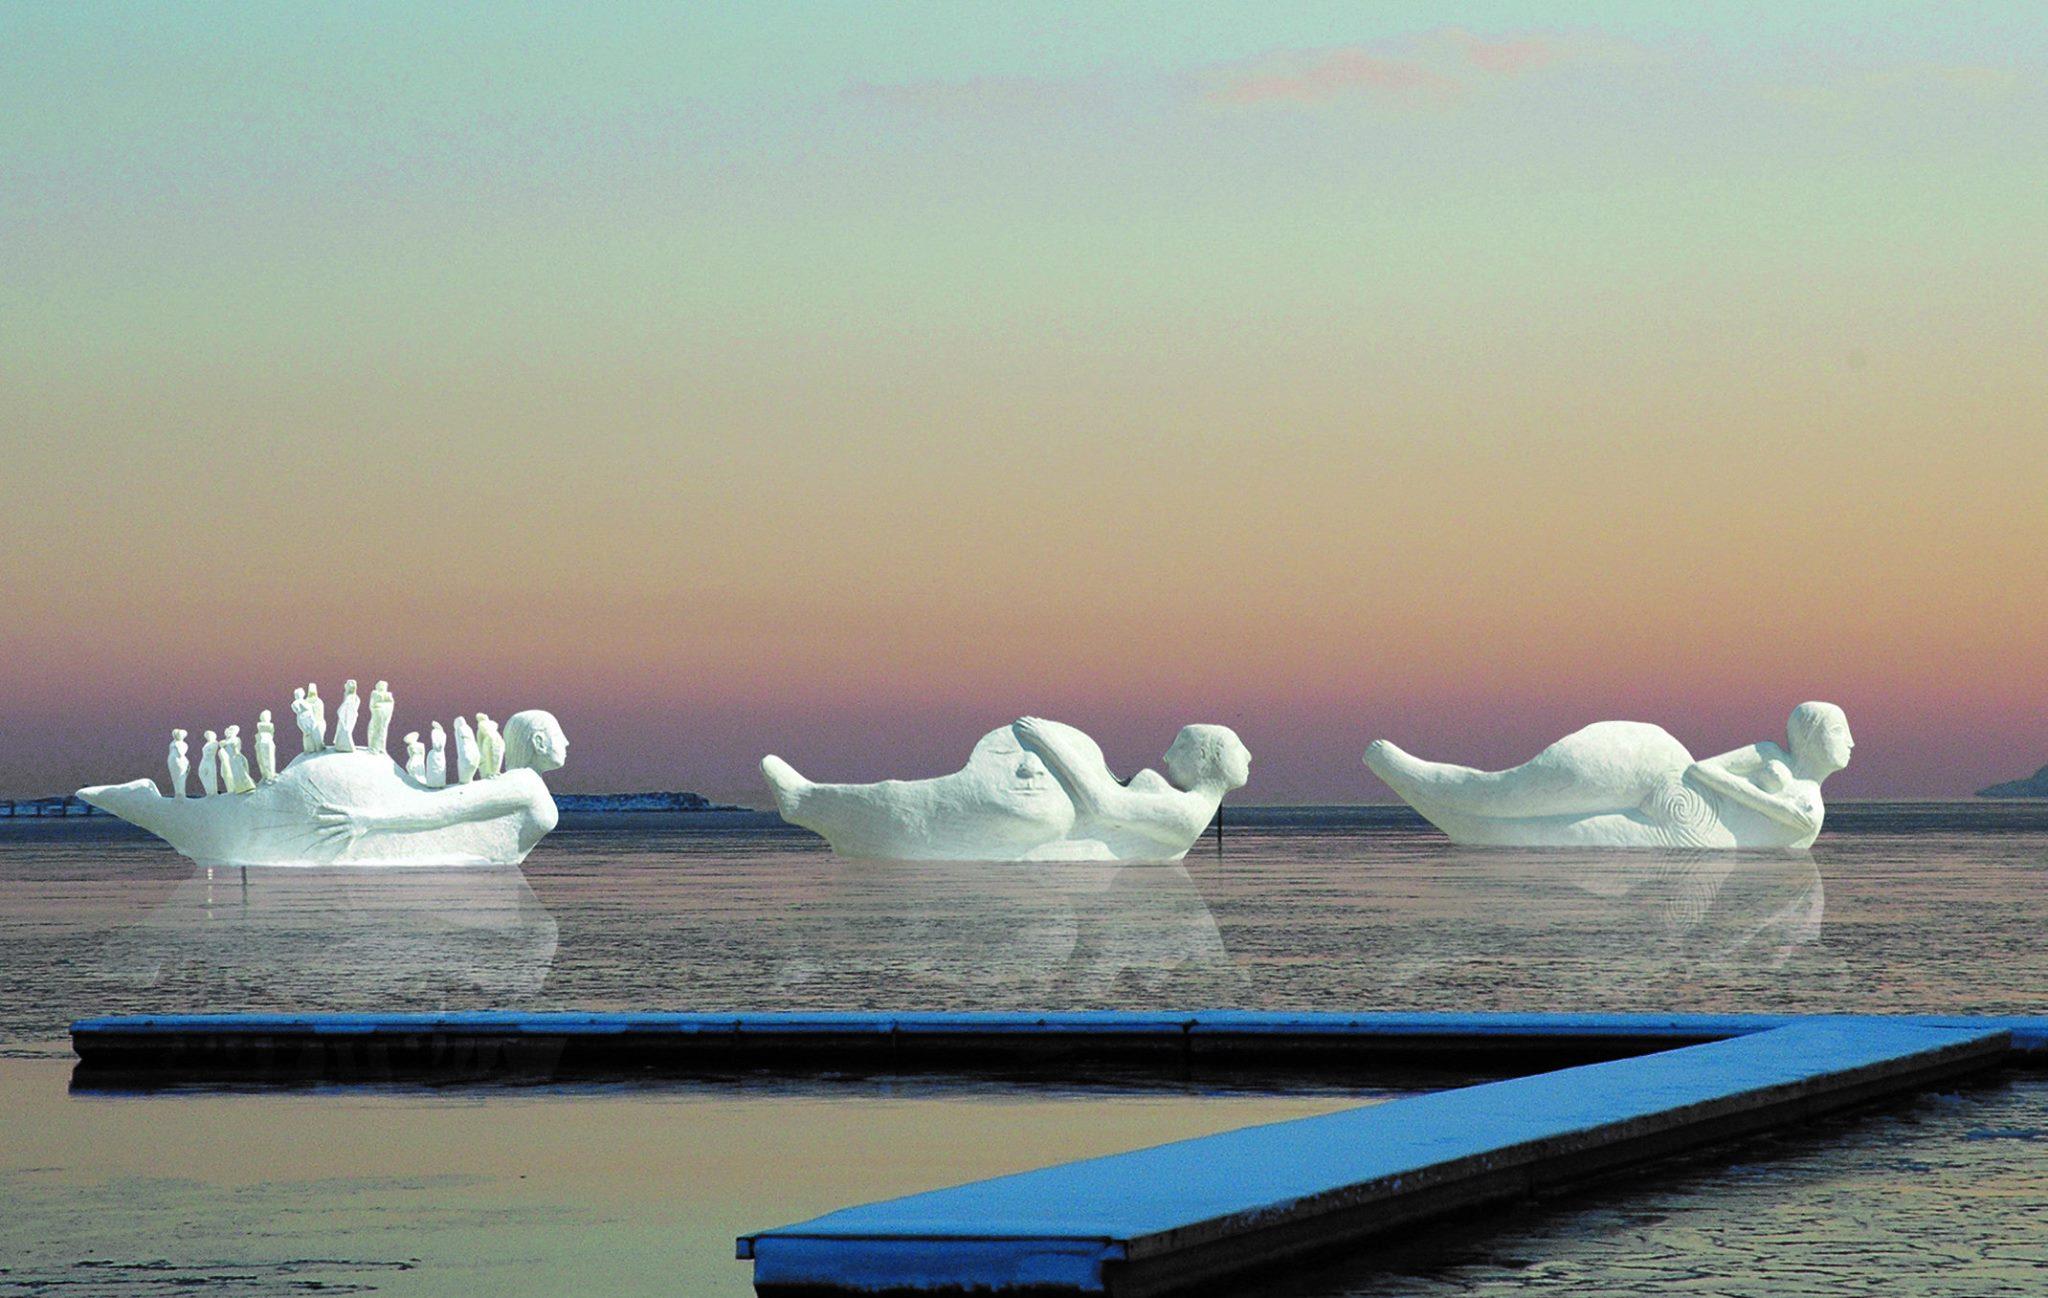 Mere end 50.000 gæster har allerede besøgt de flotte Life-Boats i Limfjorden. PR-foto